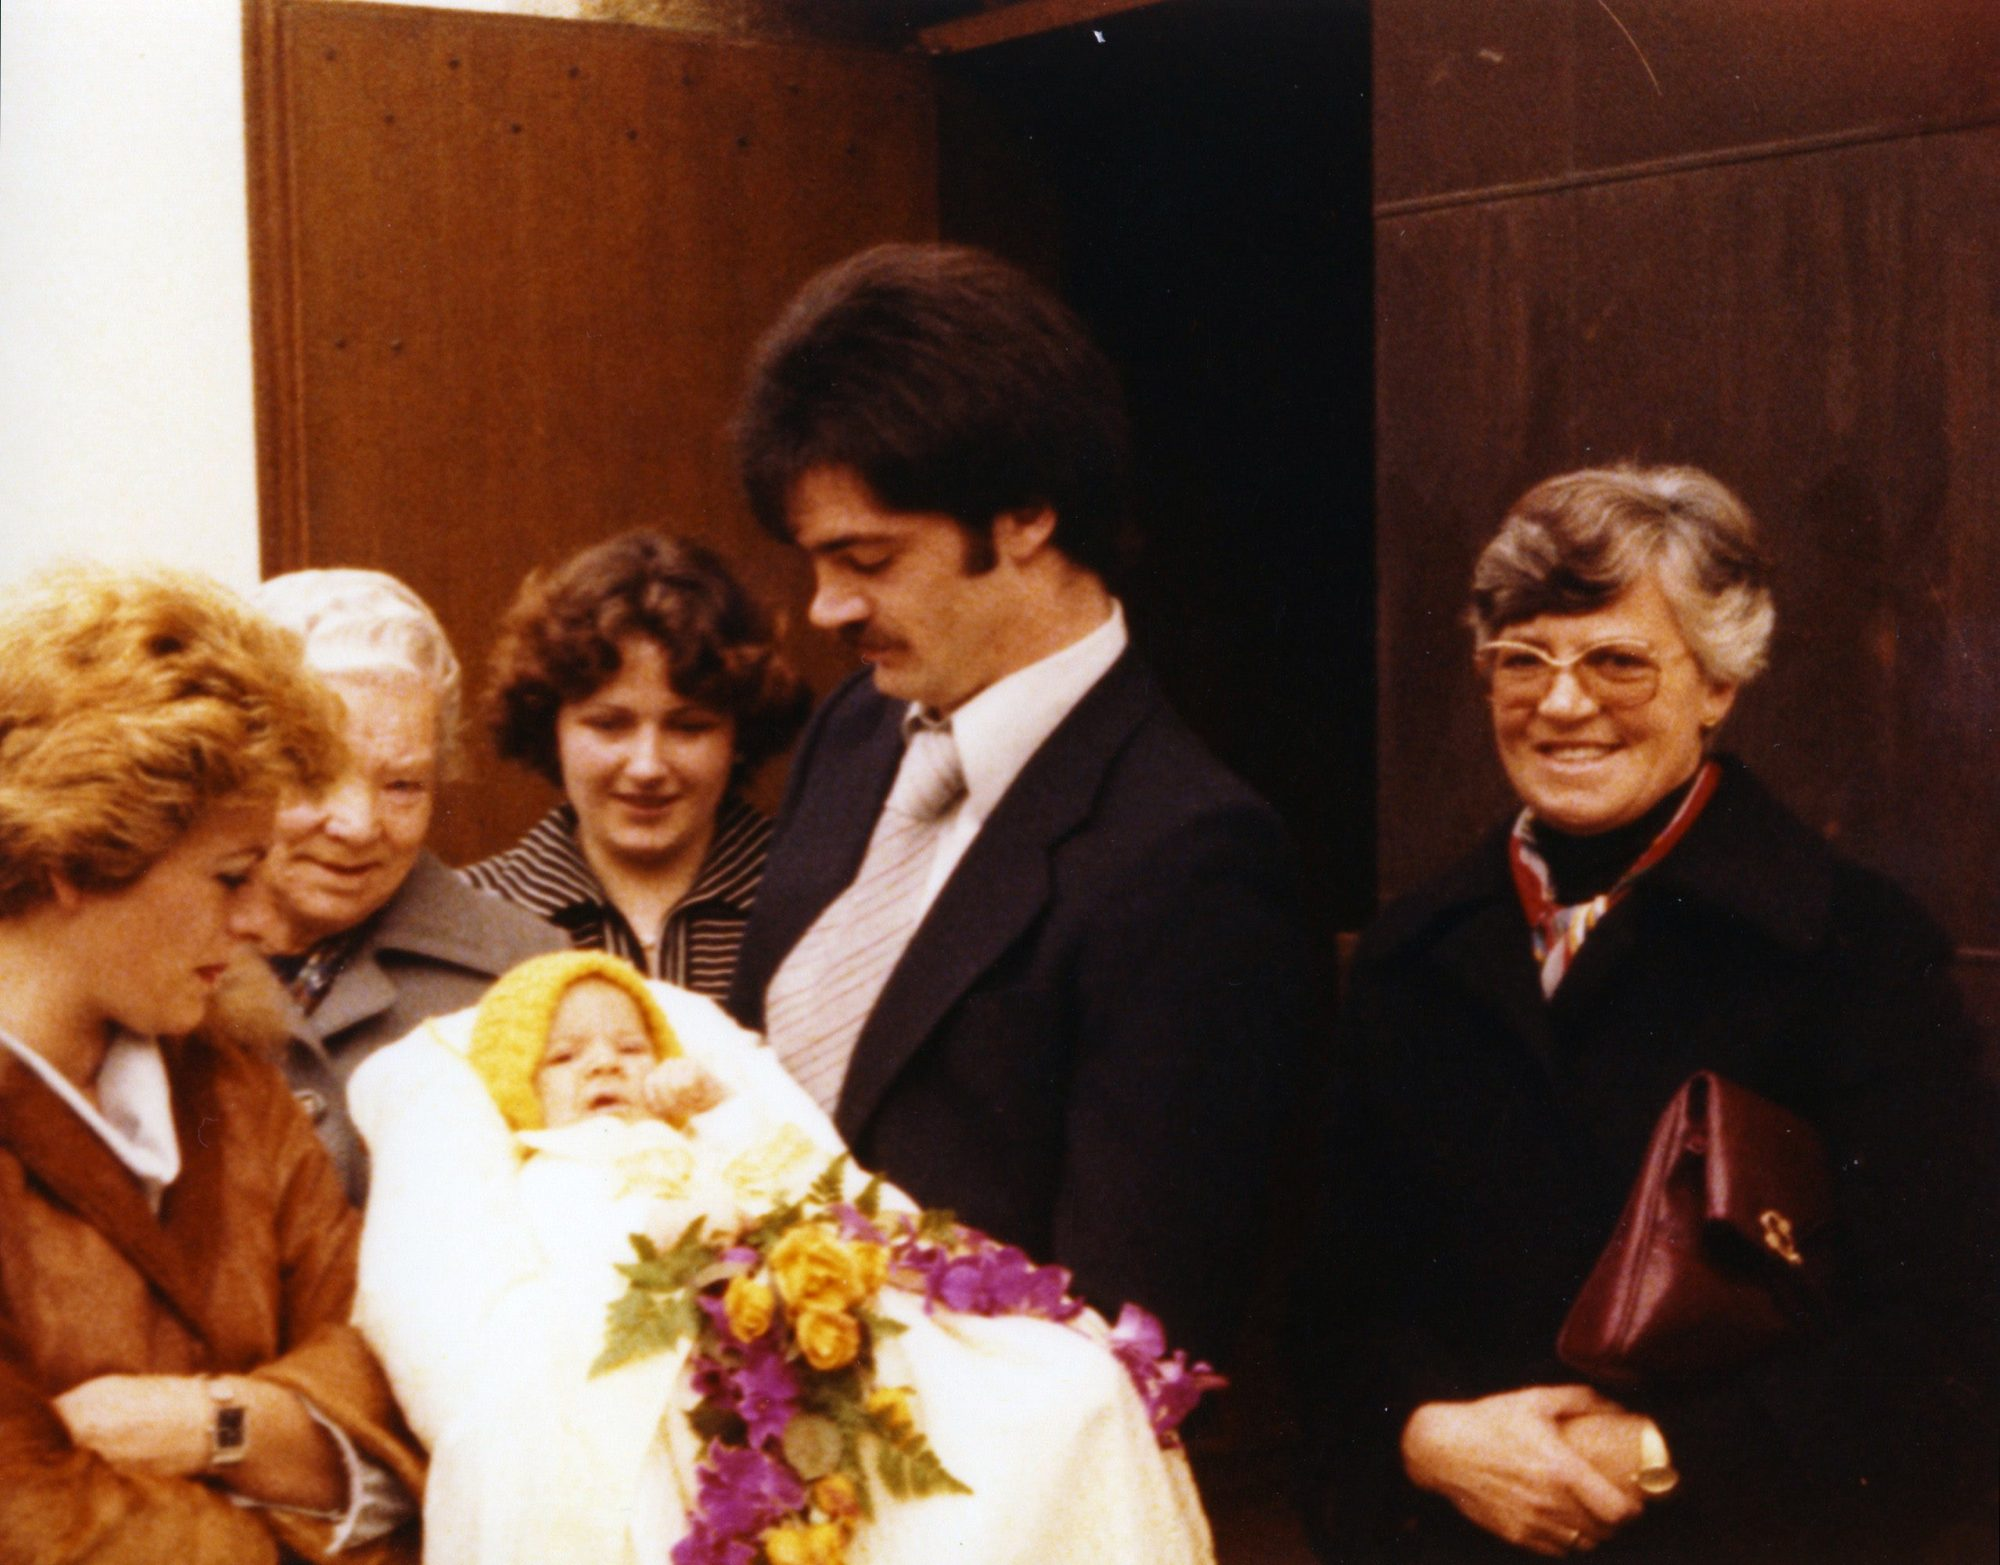 Die Taufe von Thilo in der Johanneskirche in Künzelsau. 30. Oktober 1977